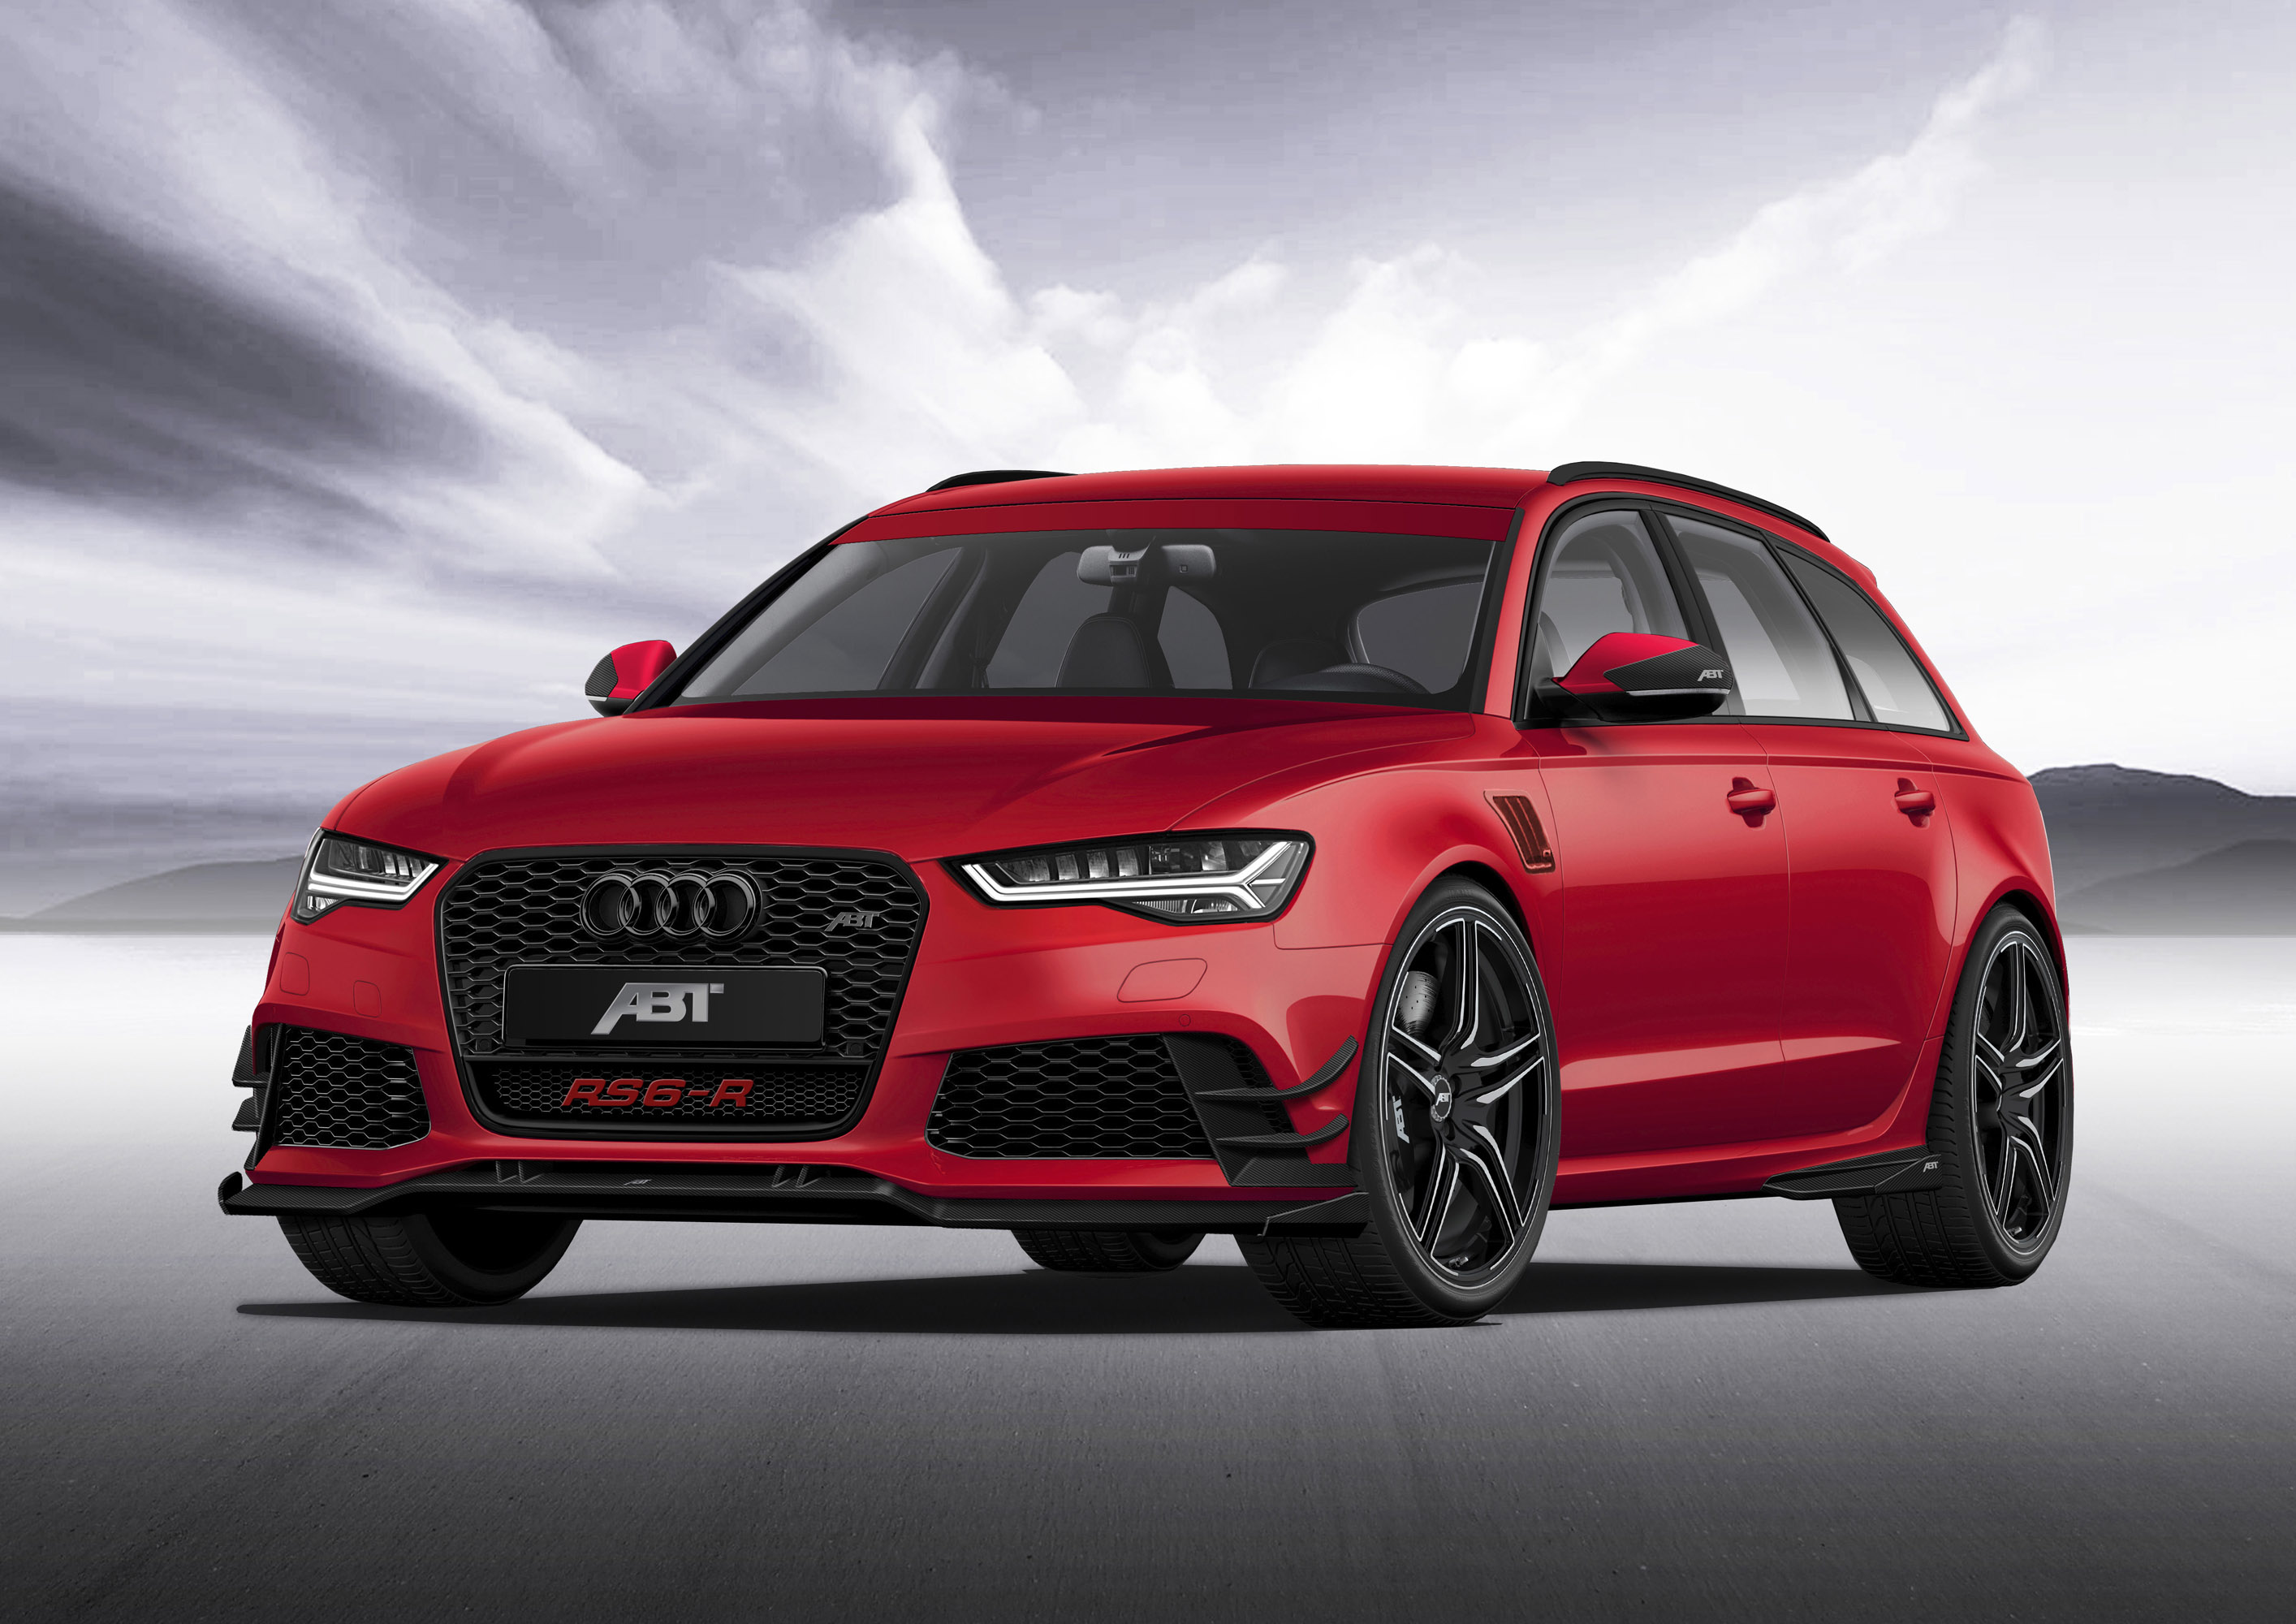 2015 Abt Audi Rs6 R Hd Pictures Carsinvasion Com